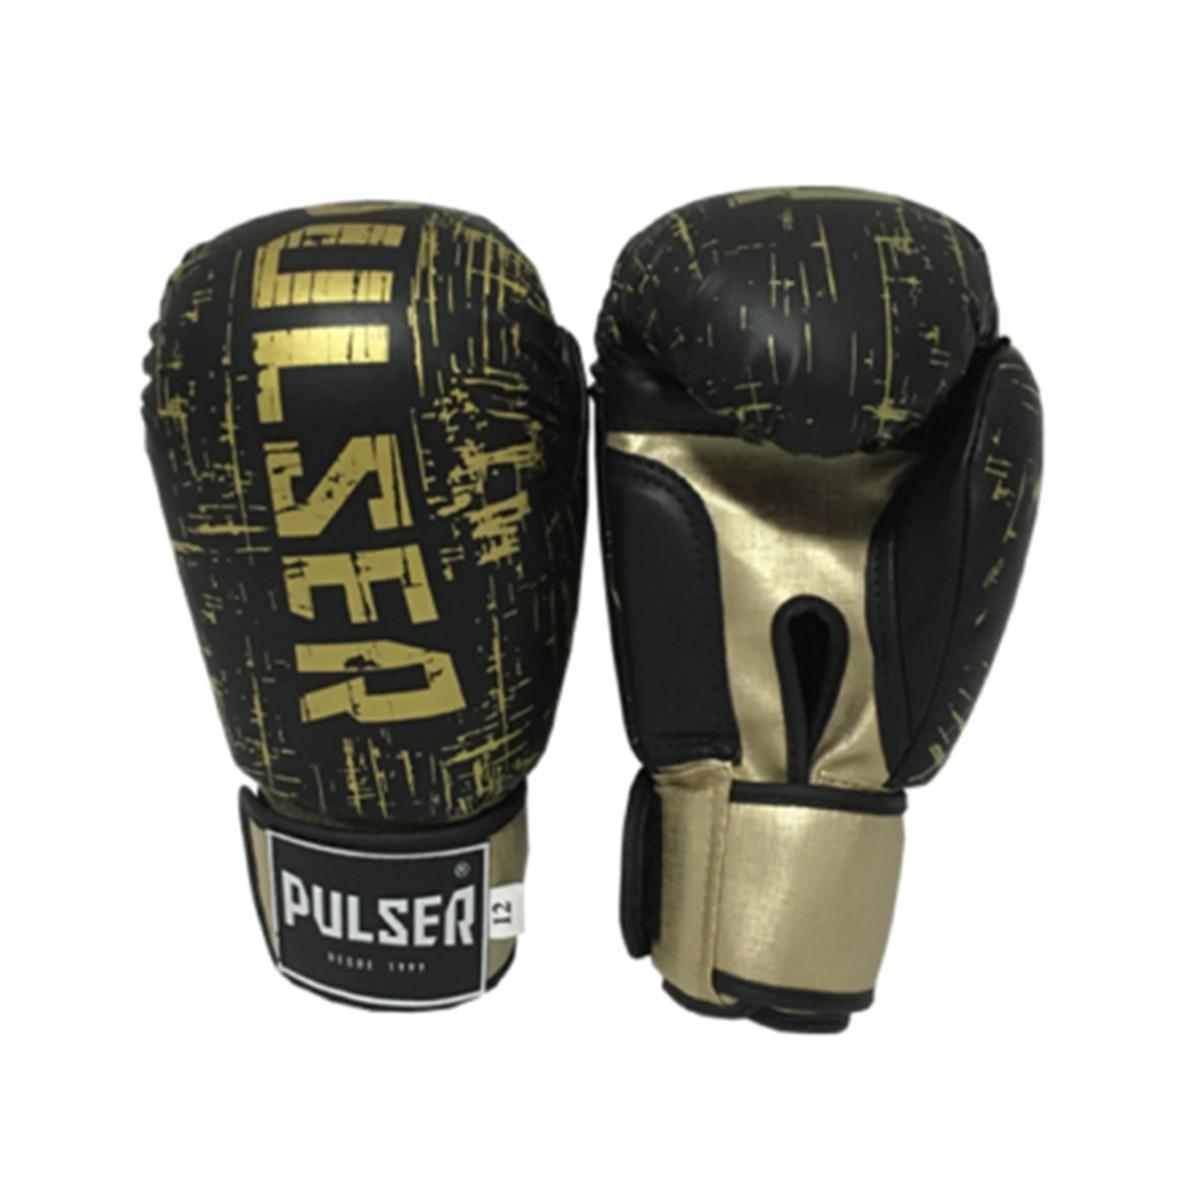 Luva de Boxe / Muay Thai 12oz - Preto e Dourado Riscado  - Pulser  - PRALUTA SHOP